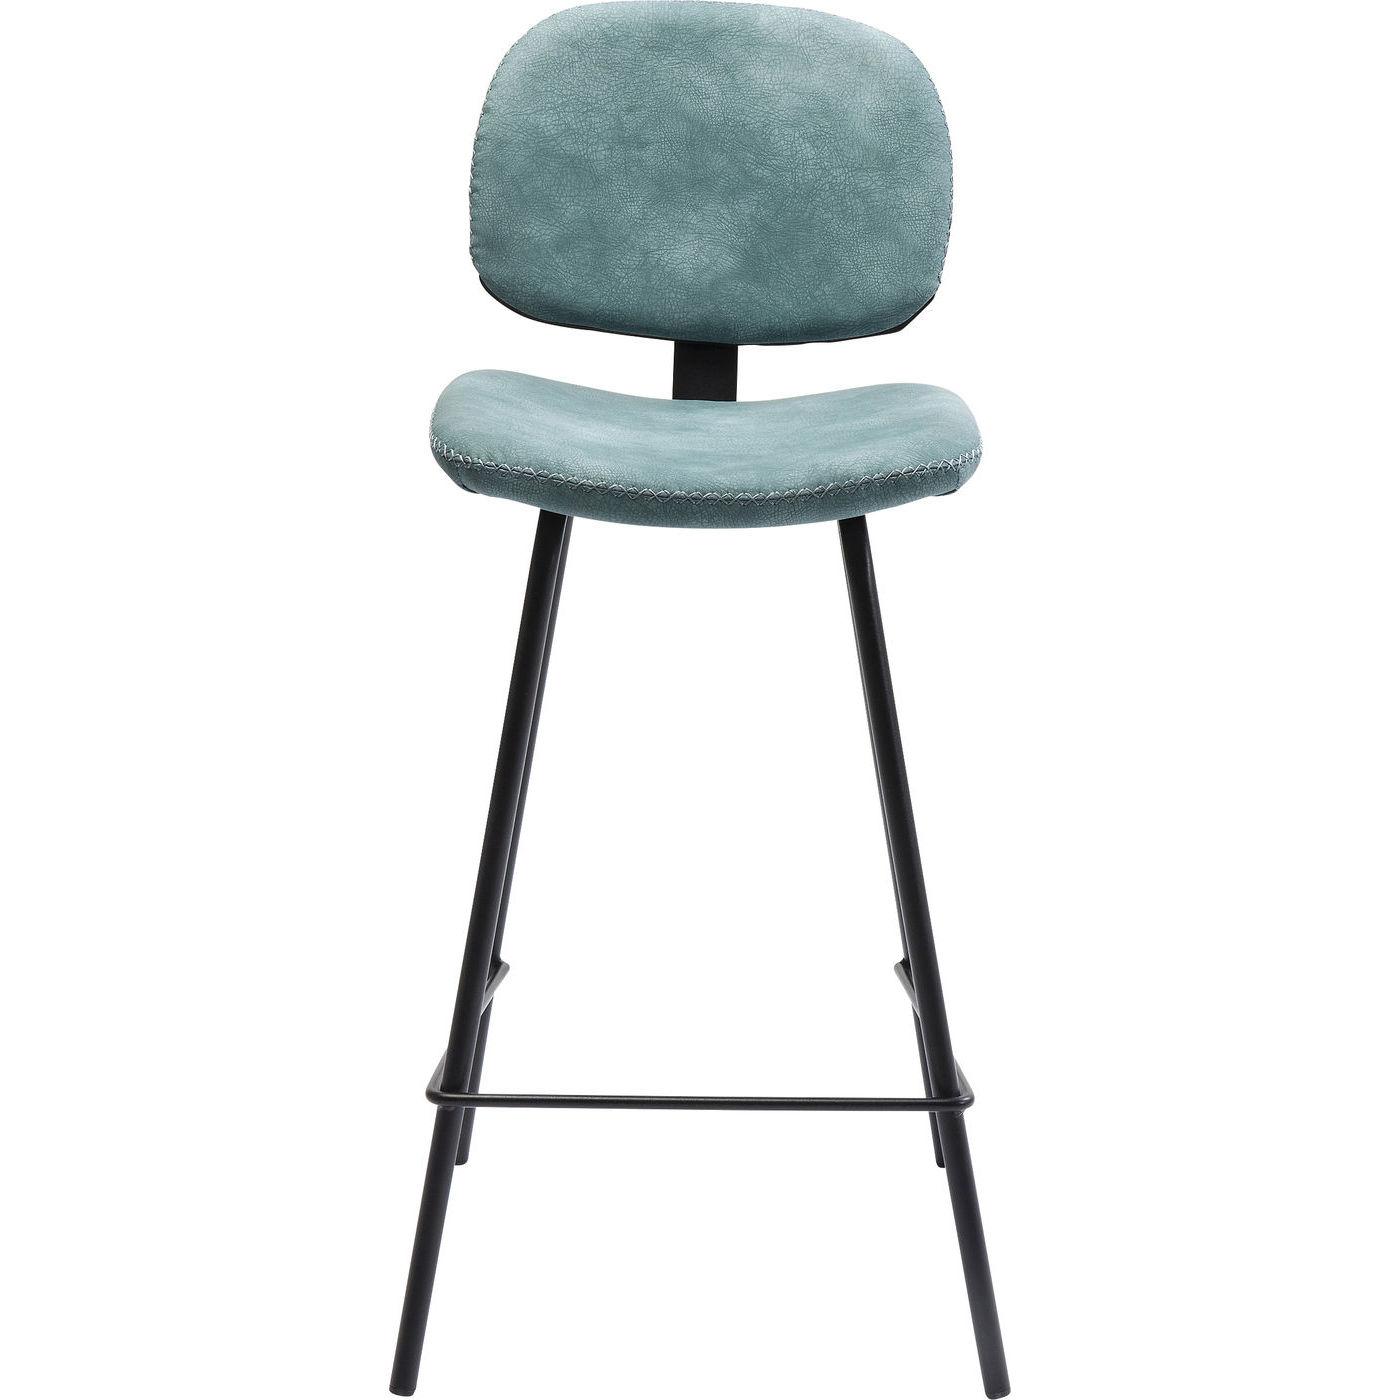 kare design – Kare design barber light blue barstol - lyseblåt læderlook/stålben fra boboonline.dk